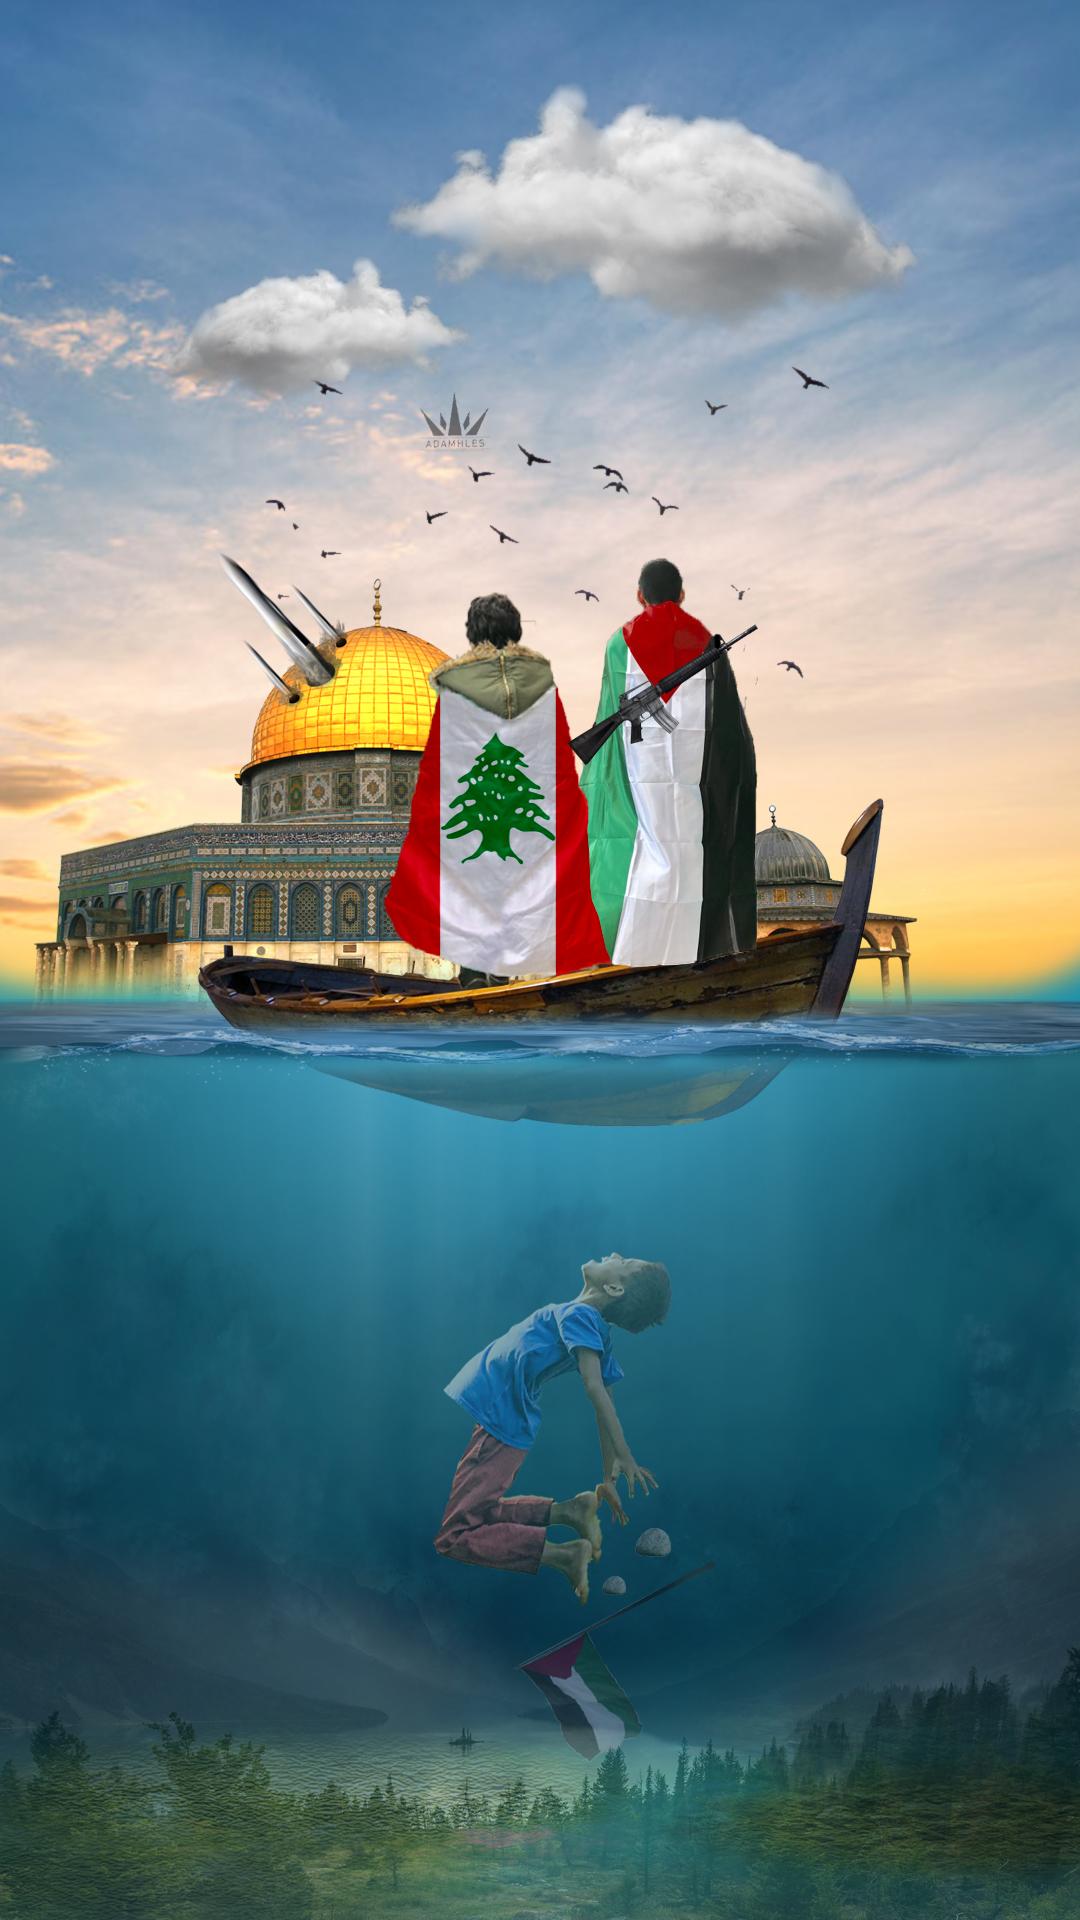 اجمل خلفية تصامن مع فلسطين علم لبنان وعلم فلسطين Flag Palestine and Lebanon